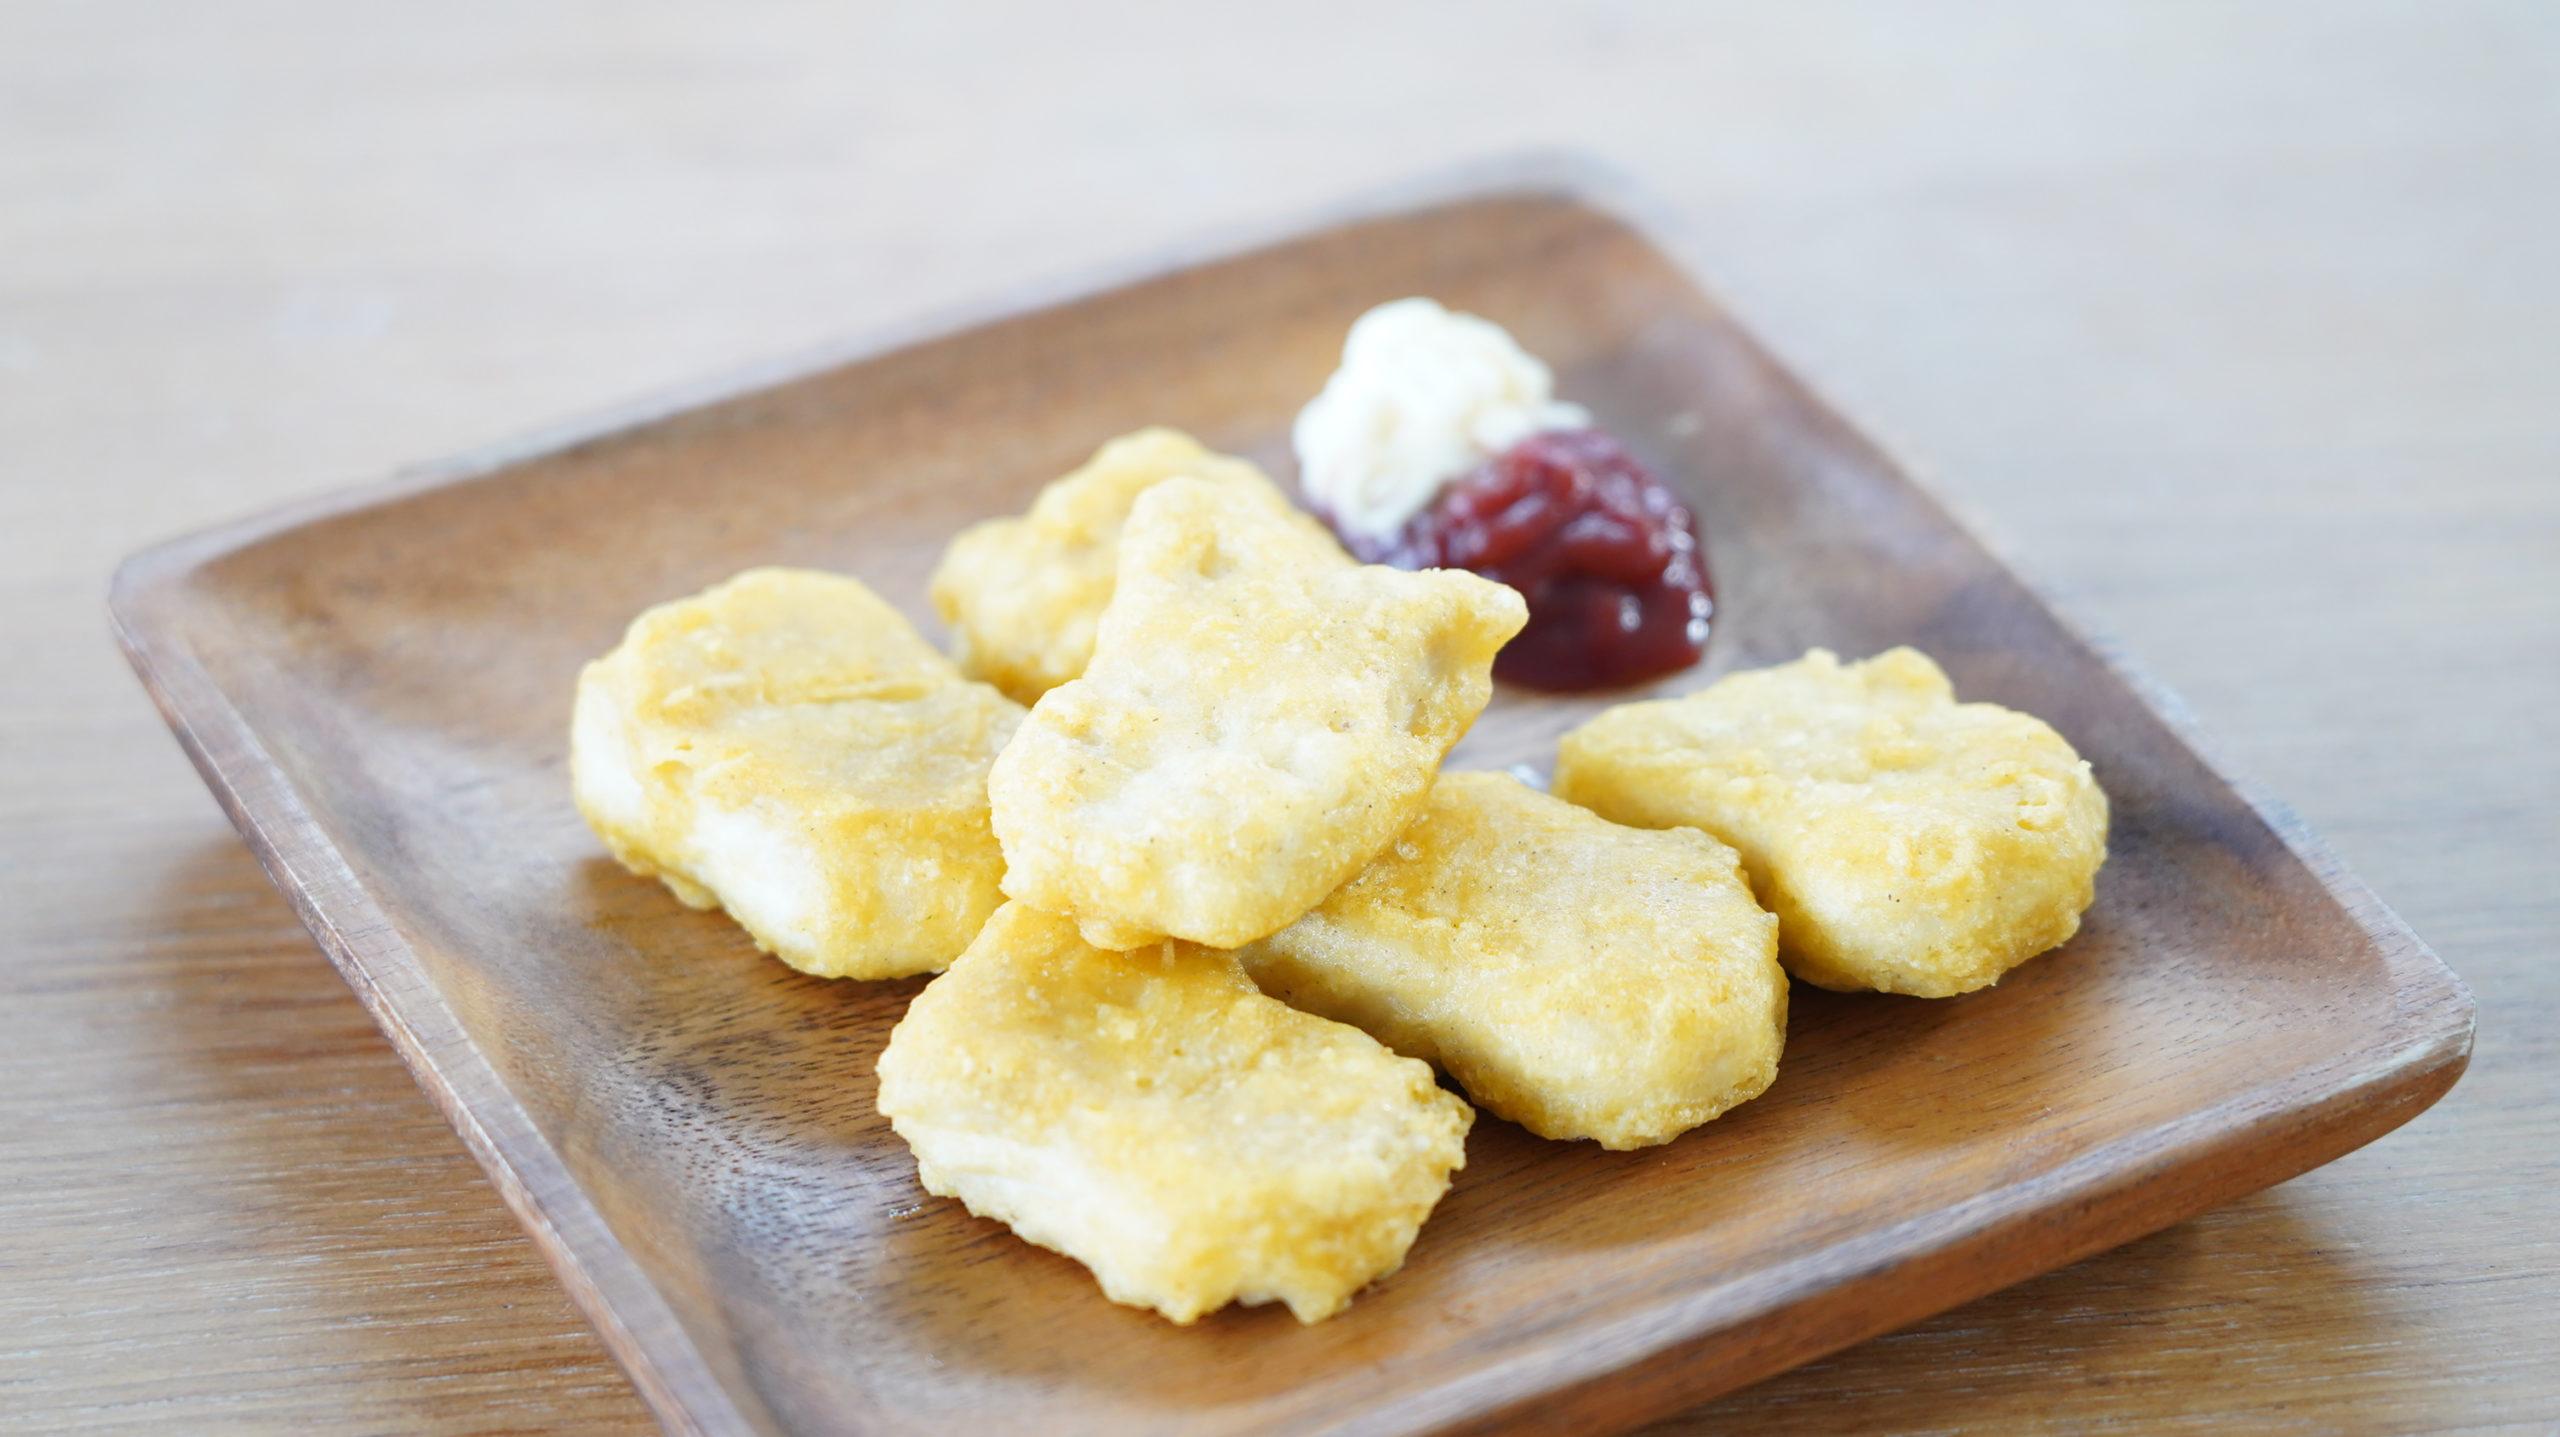 コストコの冷凍食品「CP チキンナゲット」のクローズアップ写真